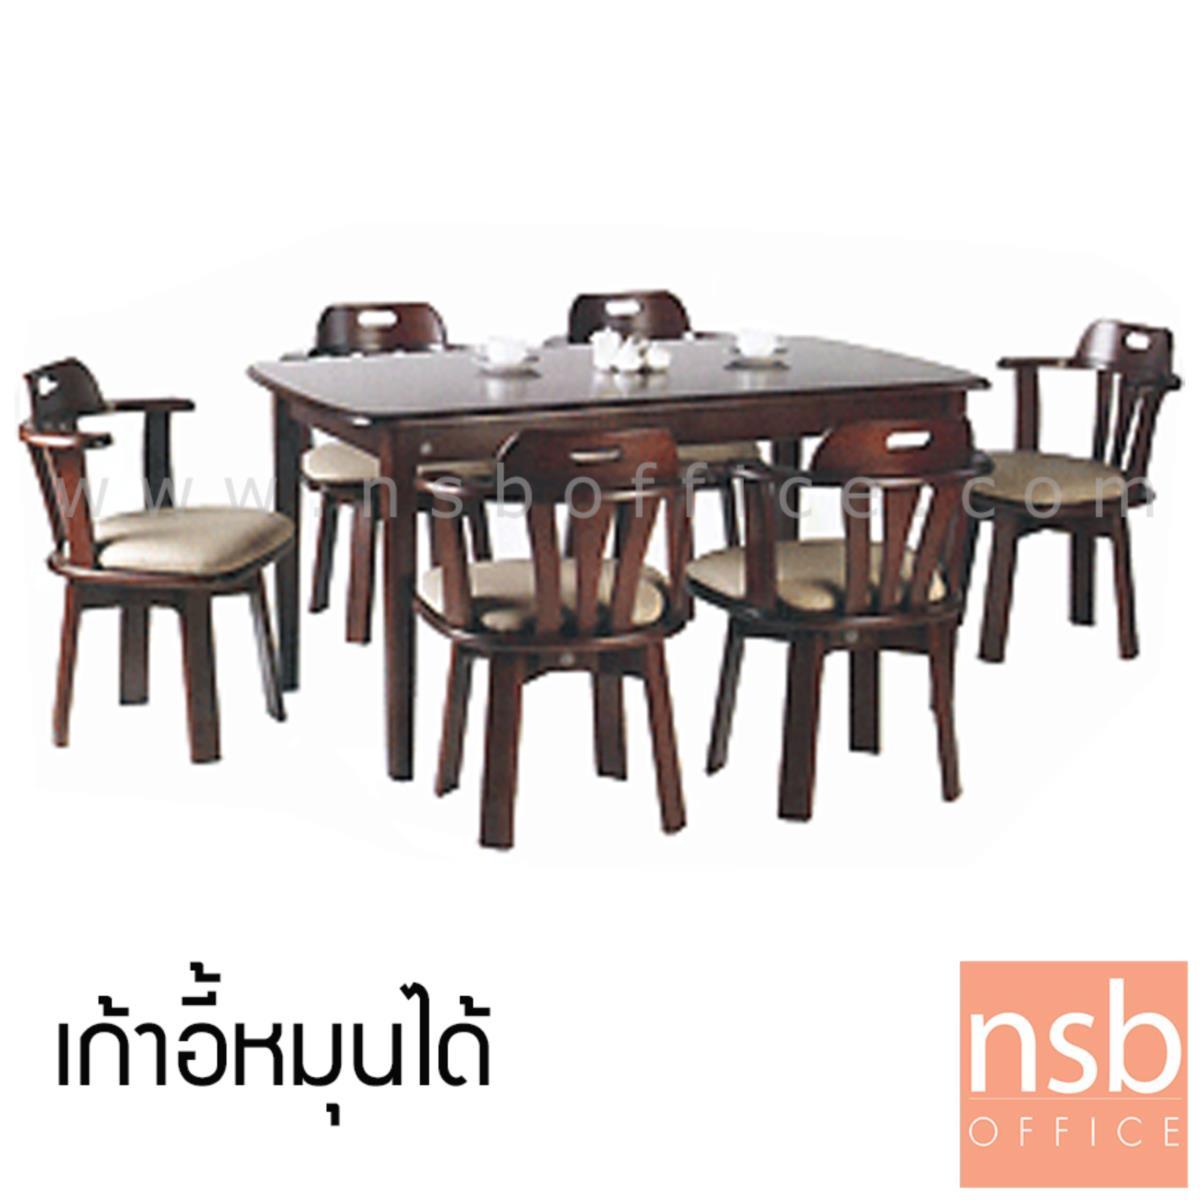 G14A032:ชุดโต๊ะรับประทานอาหารหน้าไม้ยางพารา 6 ที่นั่ง รุ่น SUNNY-21 ขนาด 150W cm. พร้อมเก้าอี้